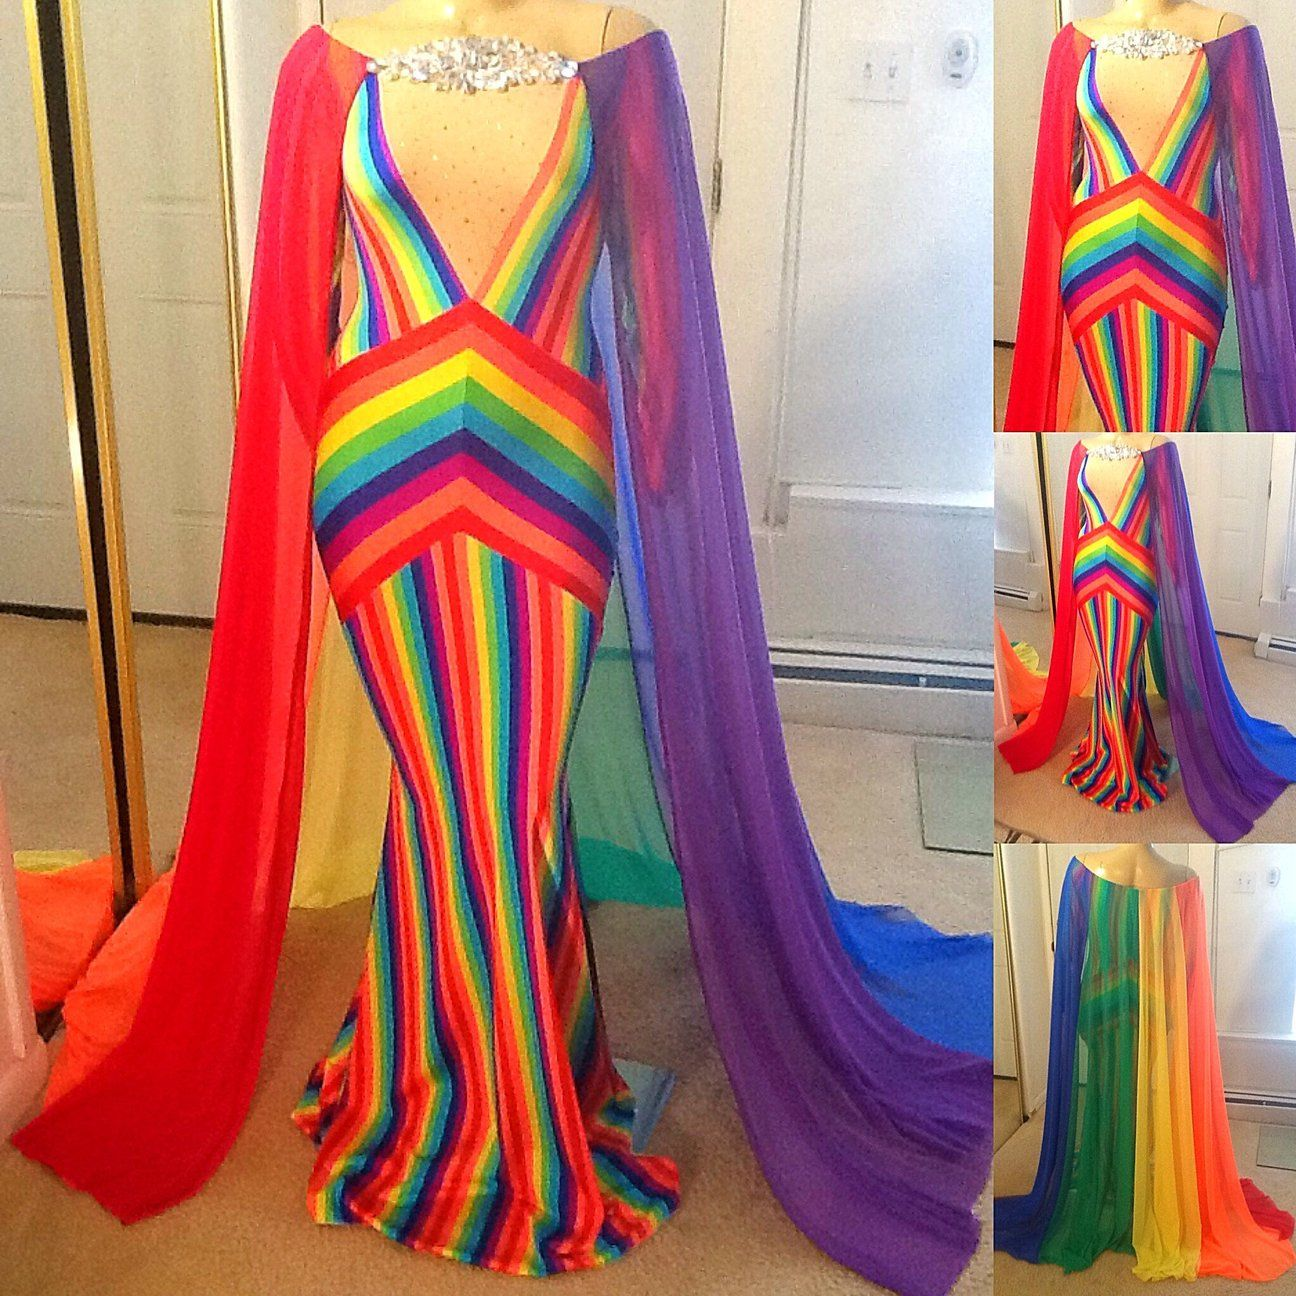 DRAG QUEEN BLACK ruffle skirt jacket rainbow dress set